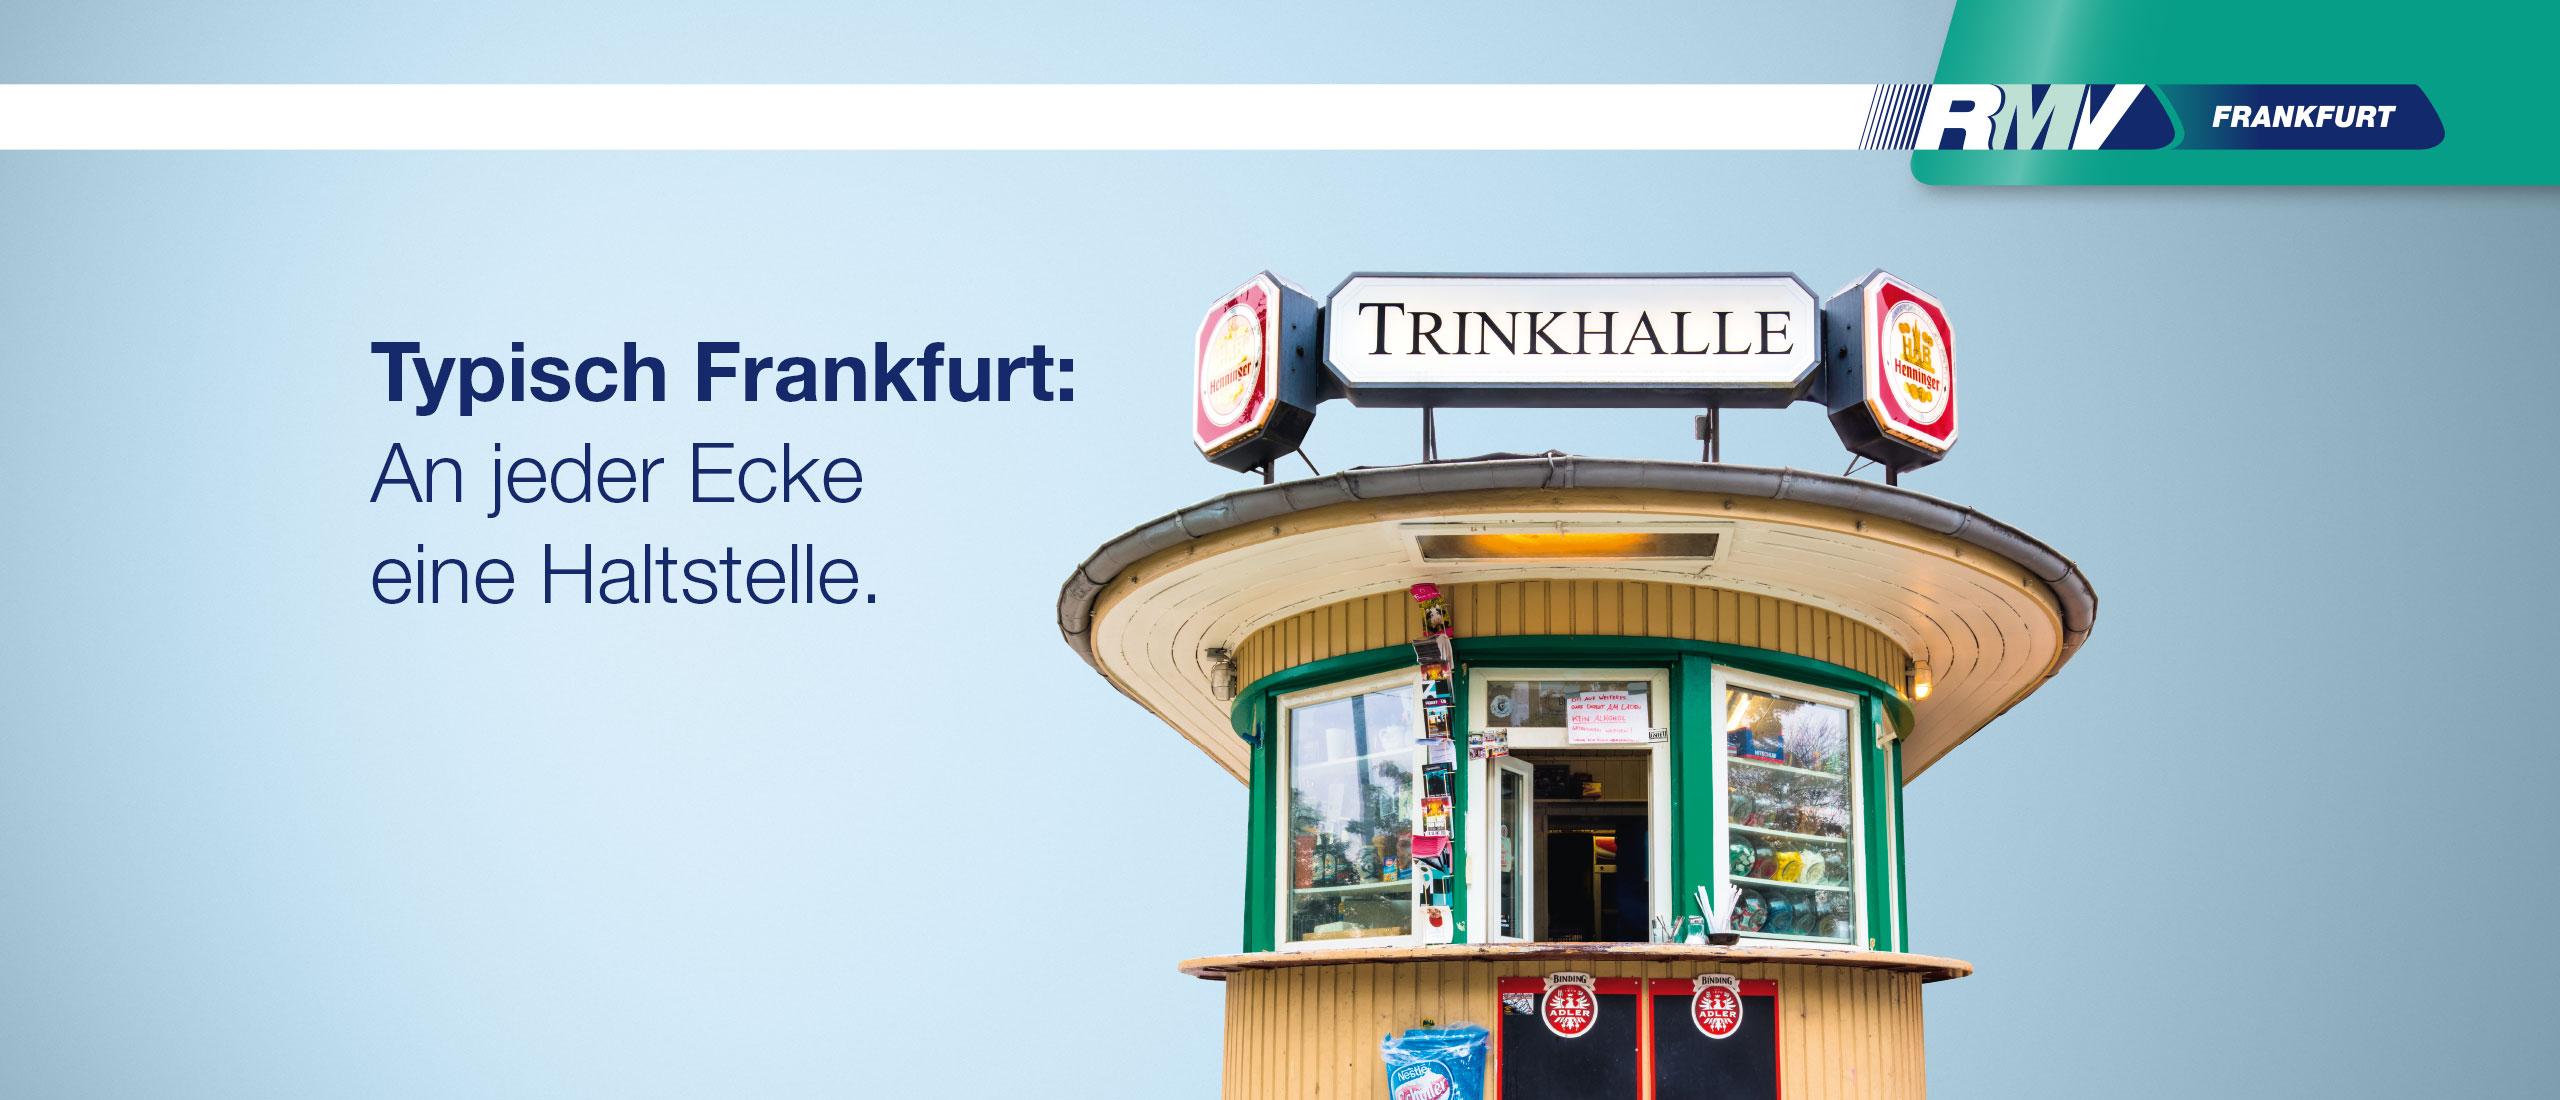 RMV_Frankfurt_TypischFrankfurt_Kampagne_Header_Slider_02